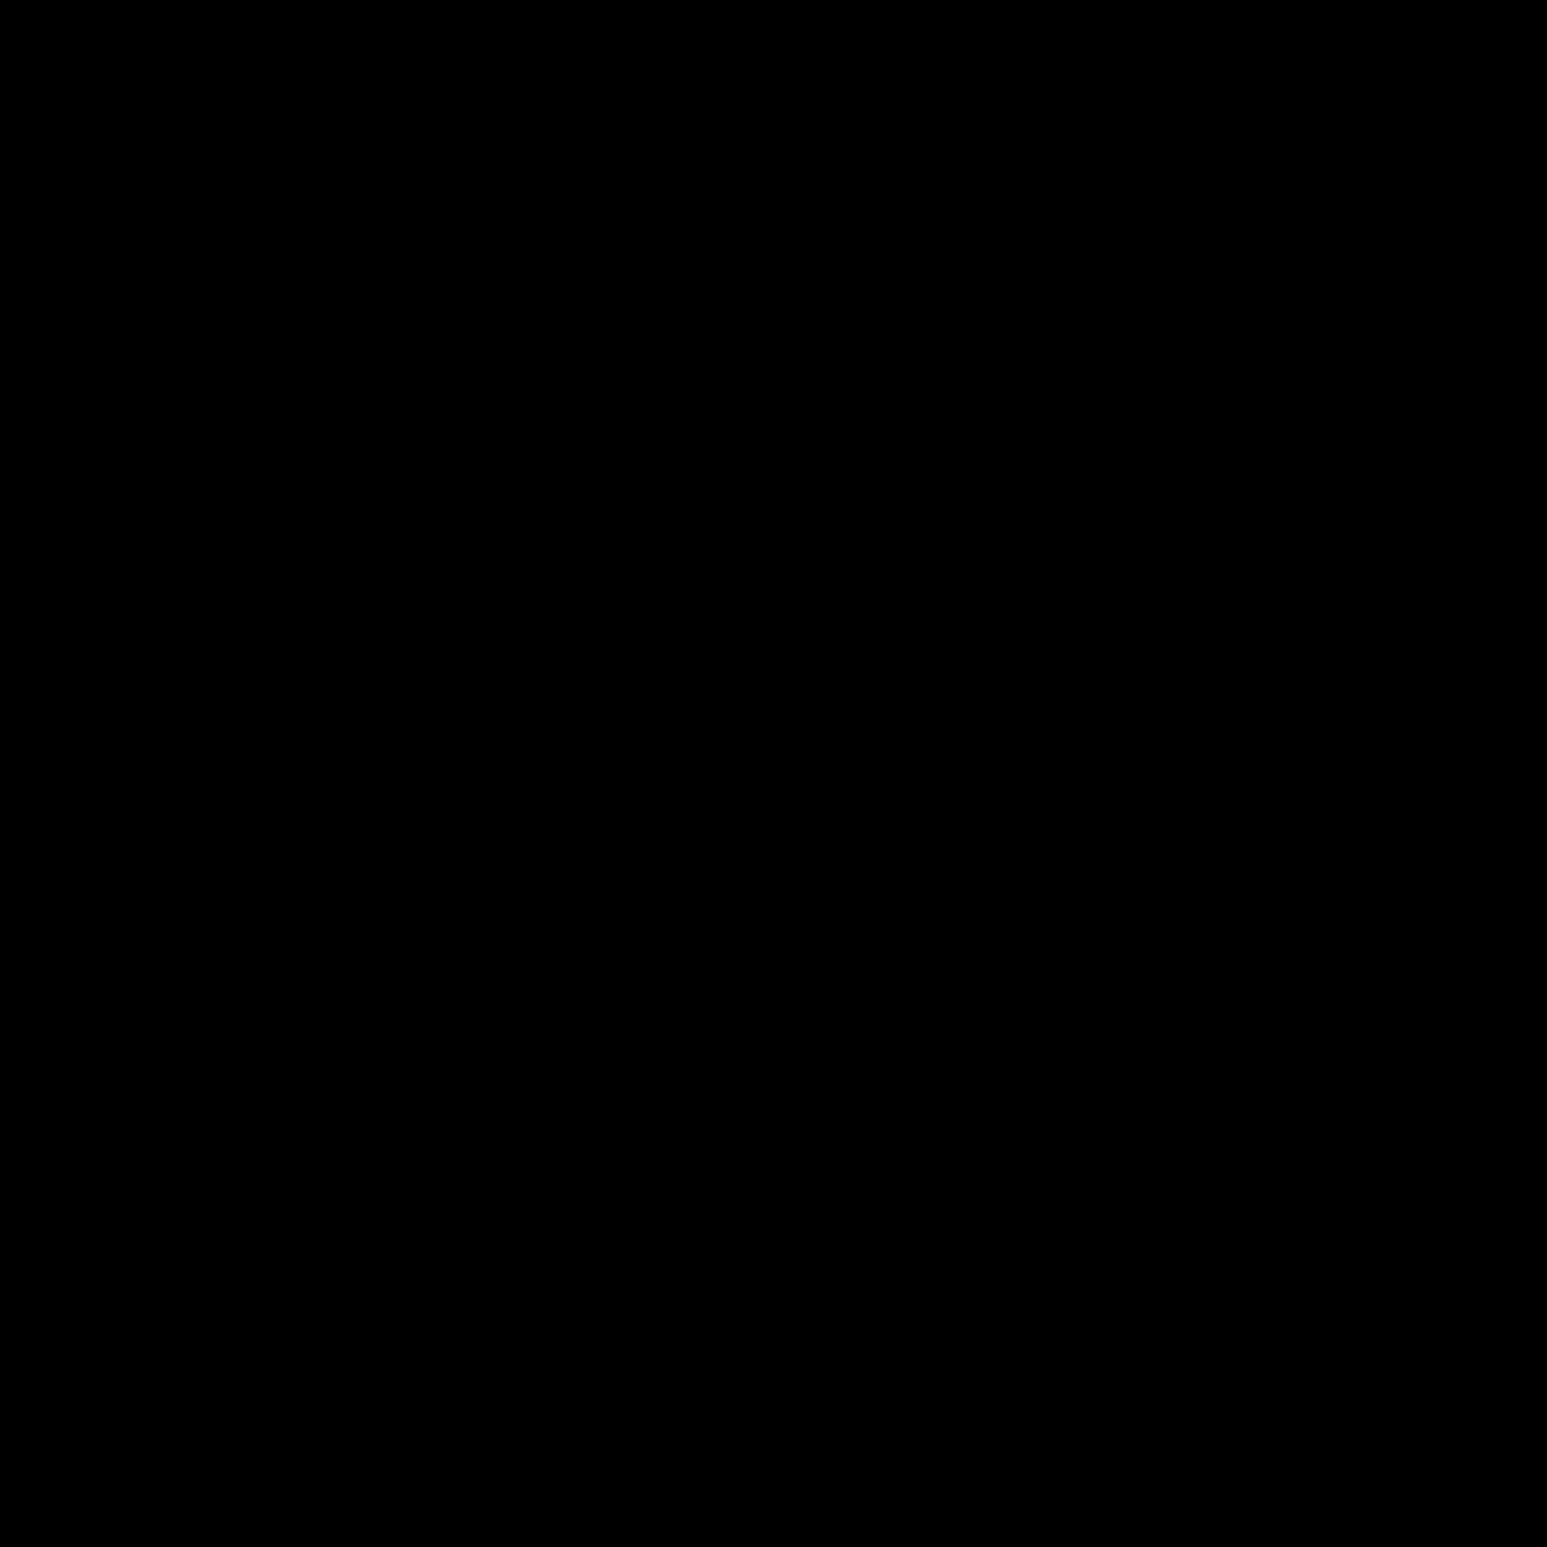 Åhus 2017